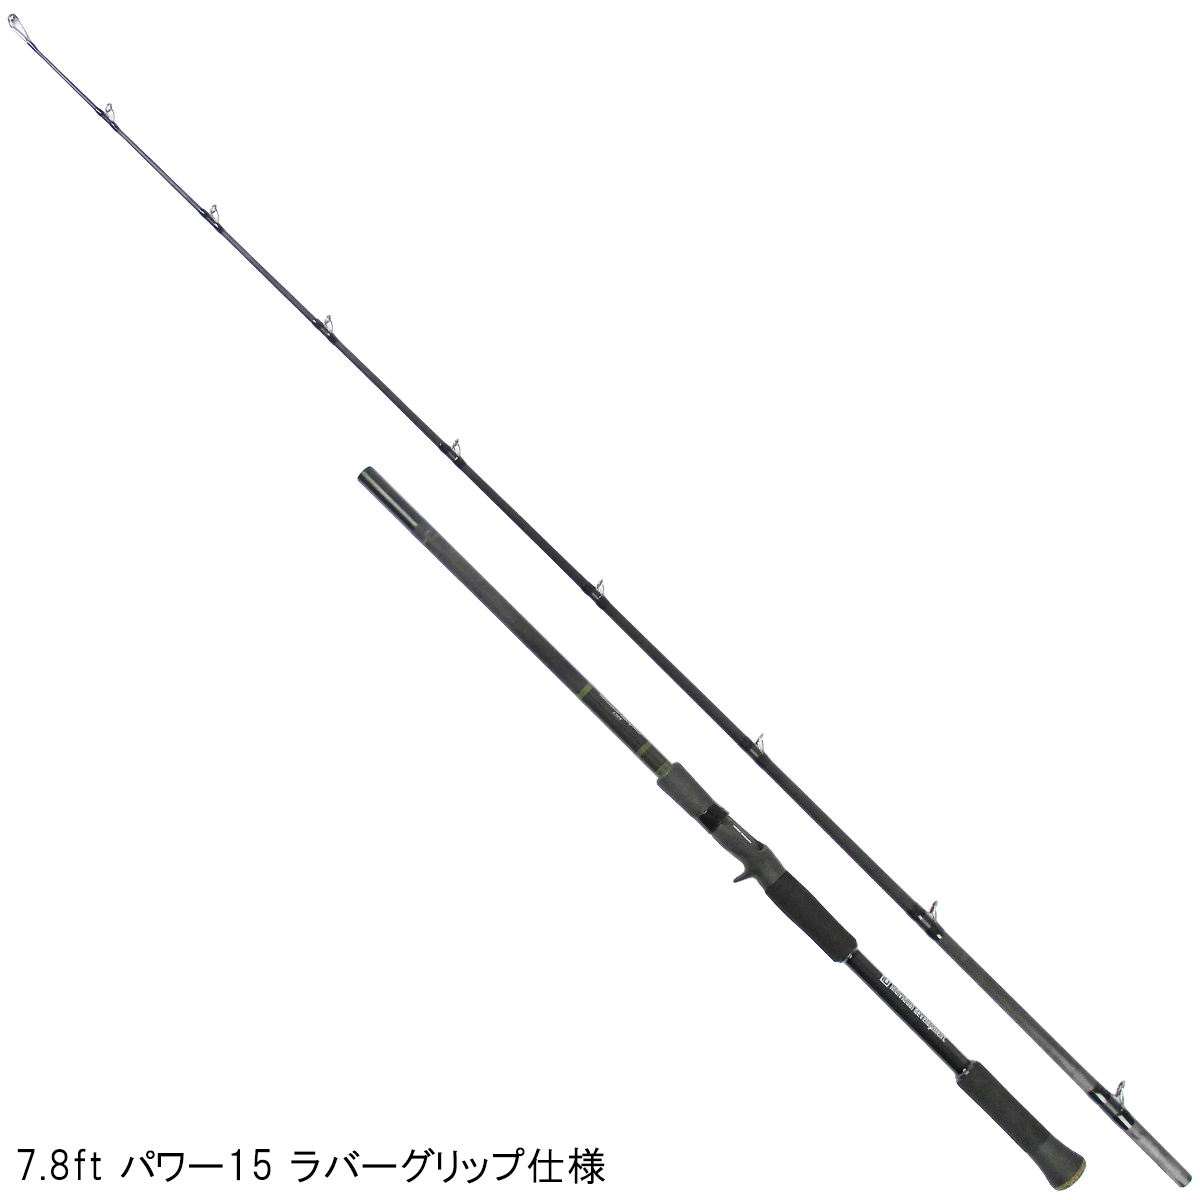 FTB 7.8ft パワー15 ラバーグリップ仕様【大型商品】